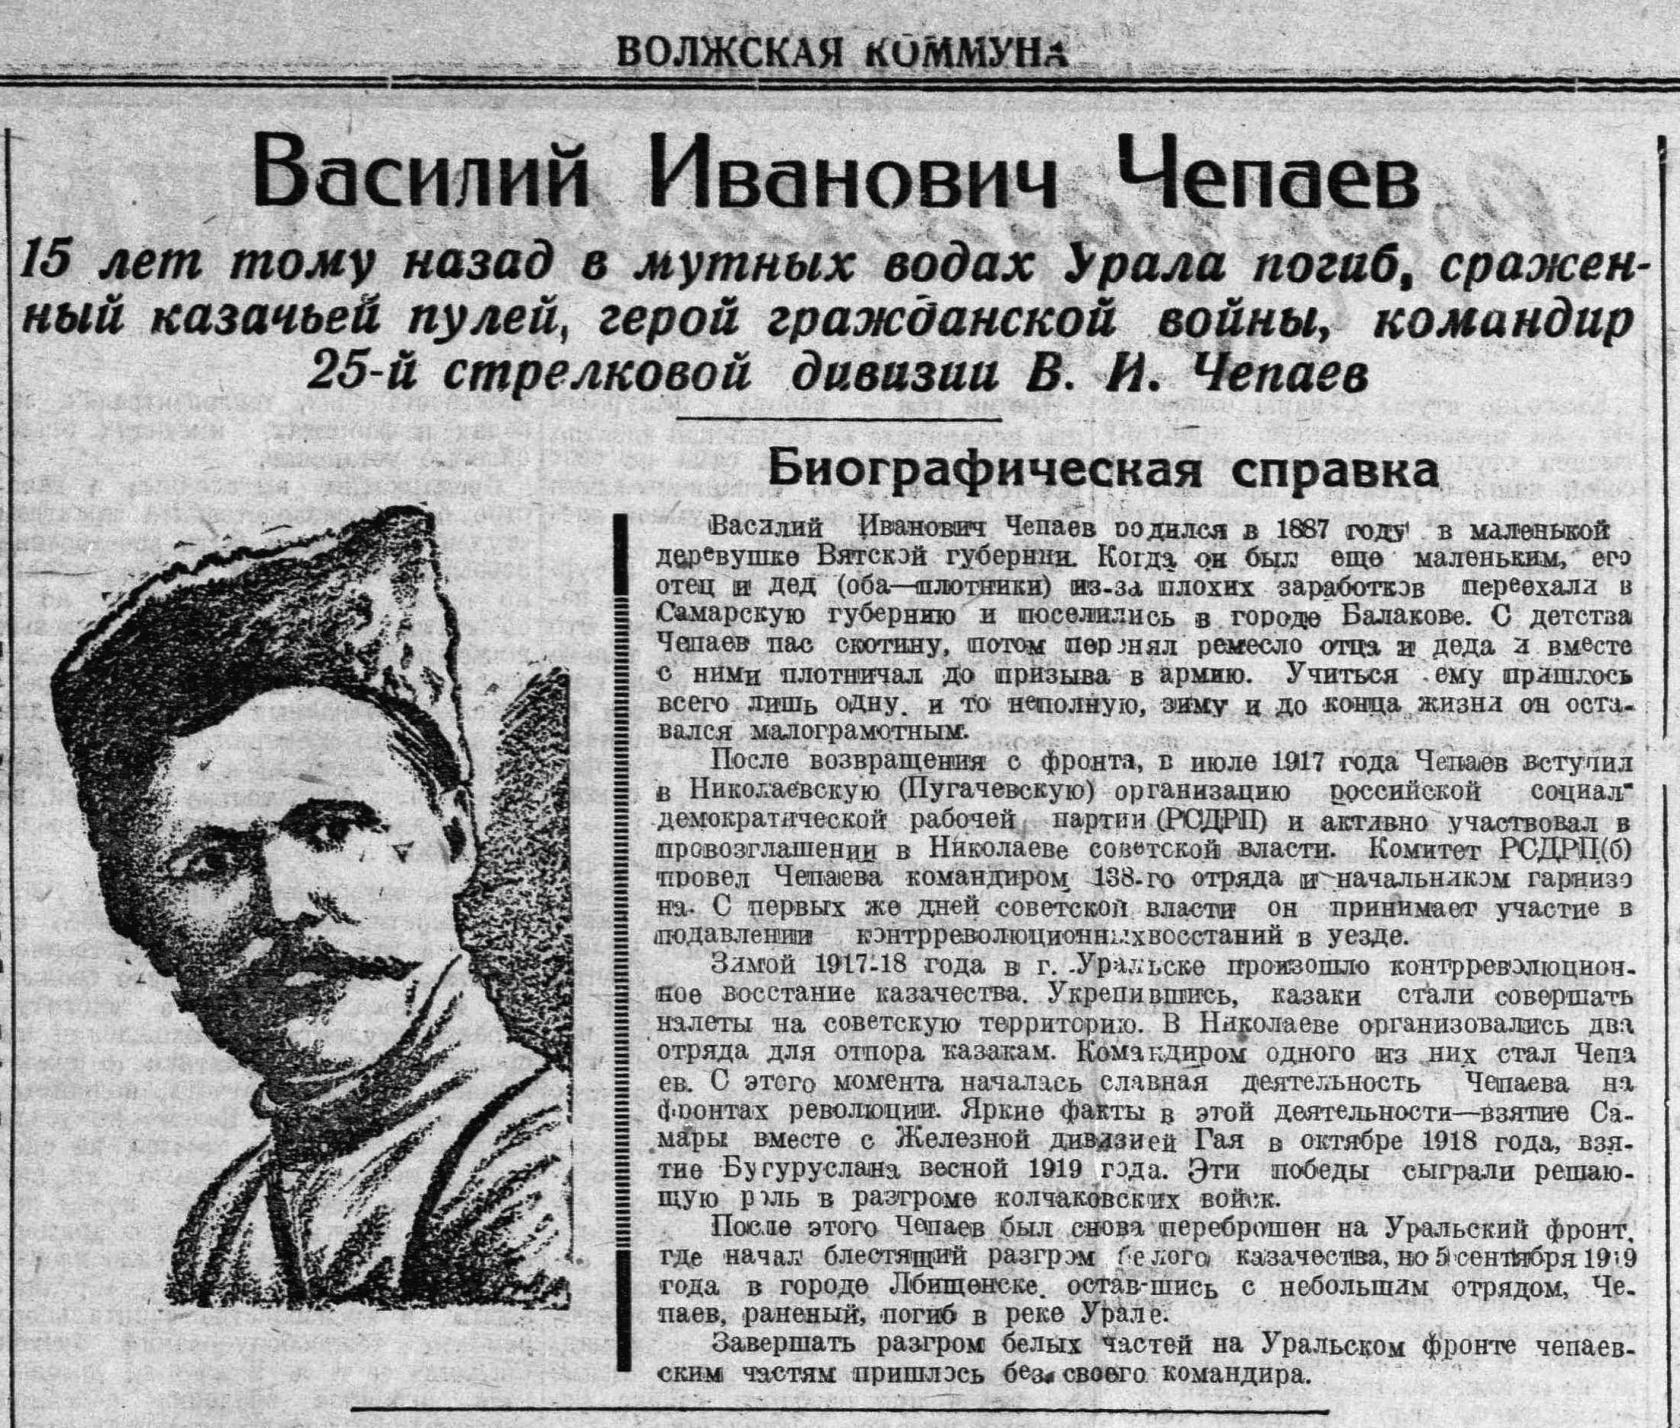 Статья 1934 года